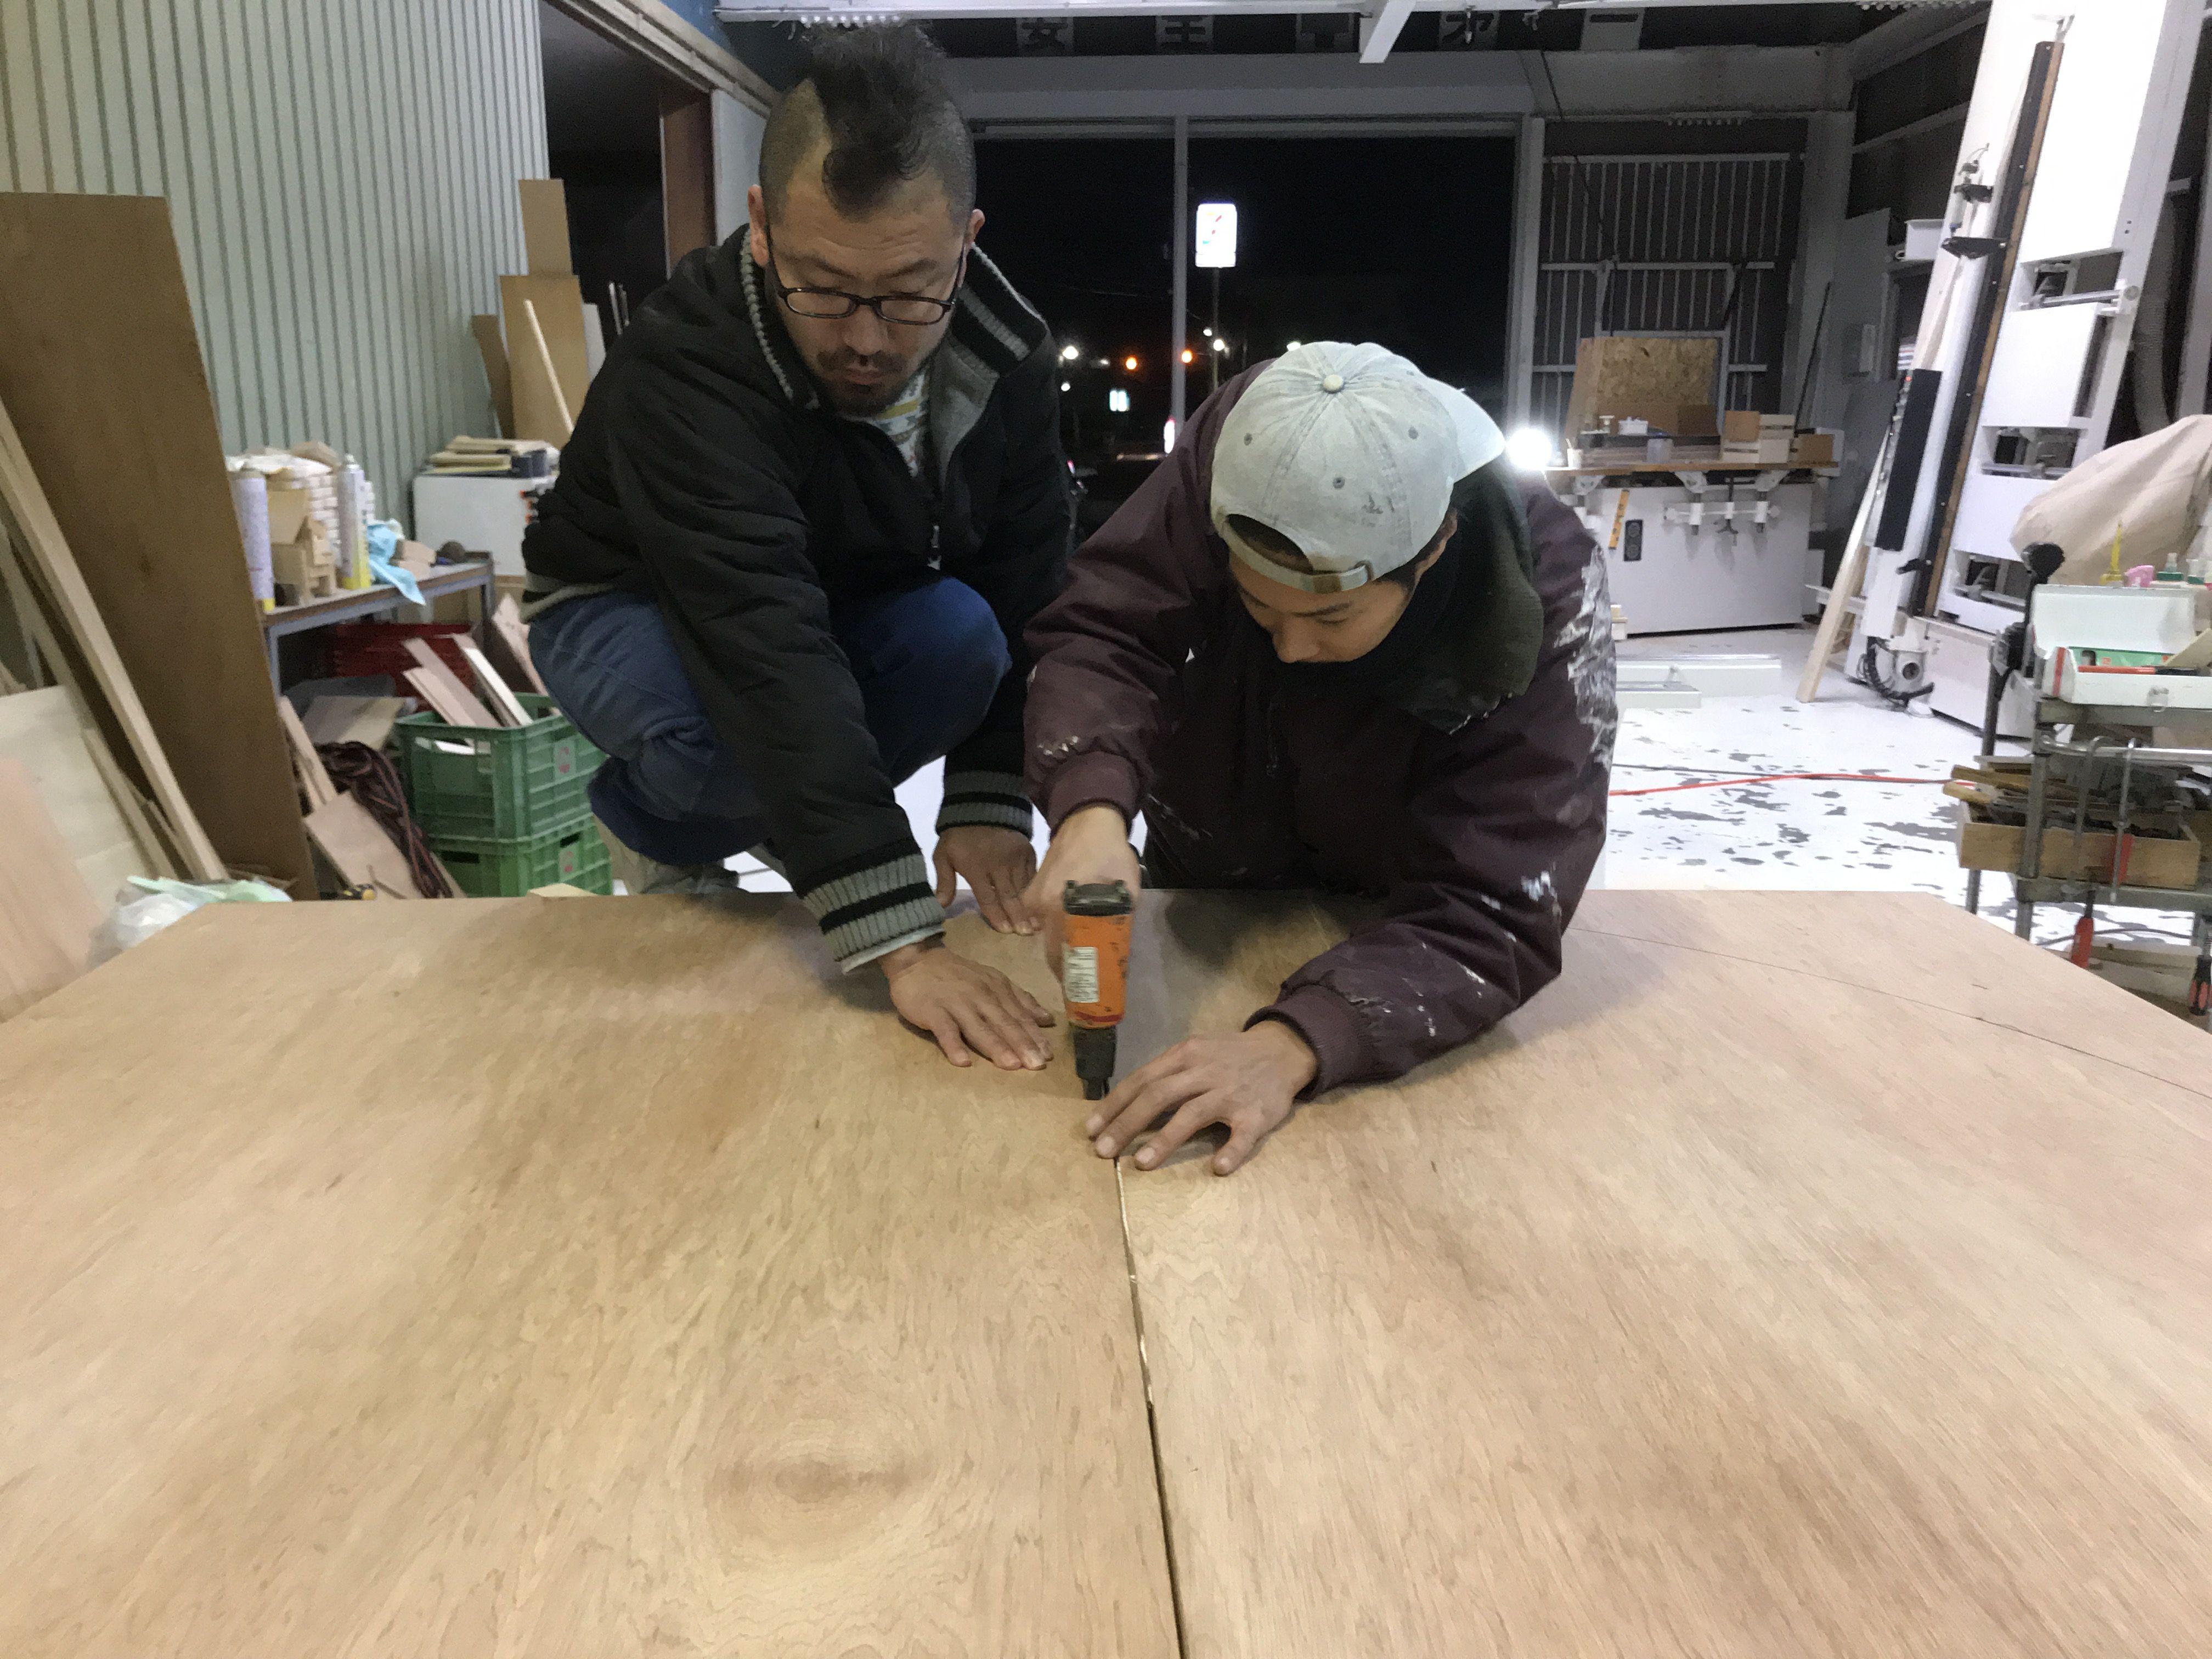 ルーツファクトリー淡路島工房の家具製作風景